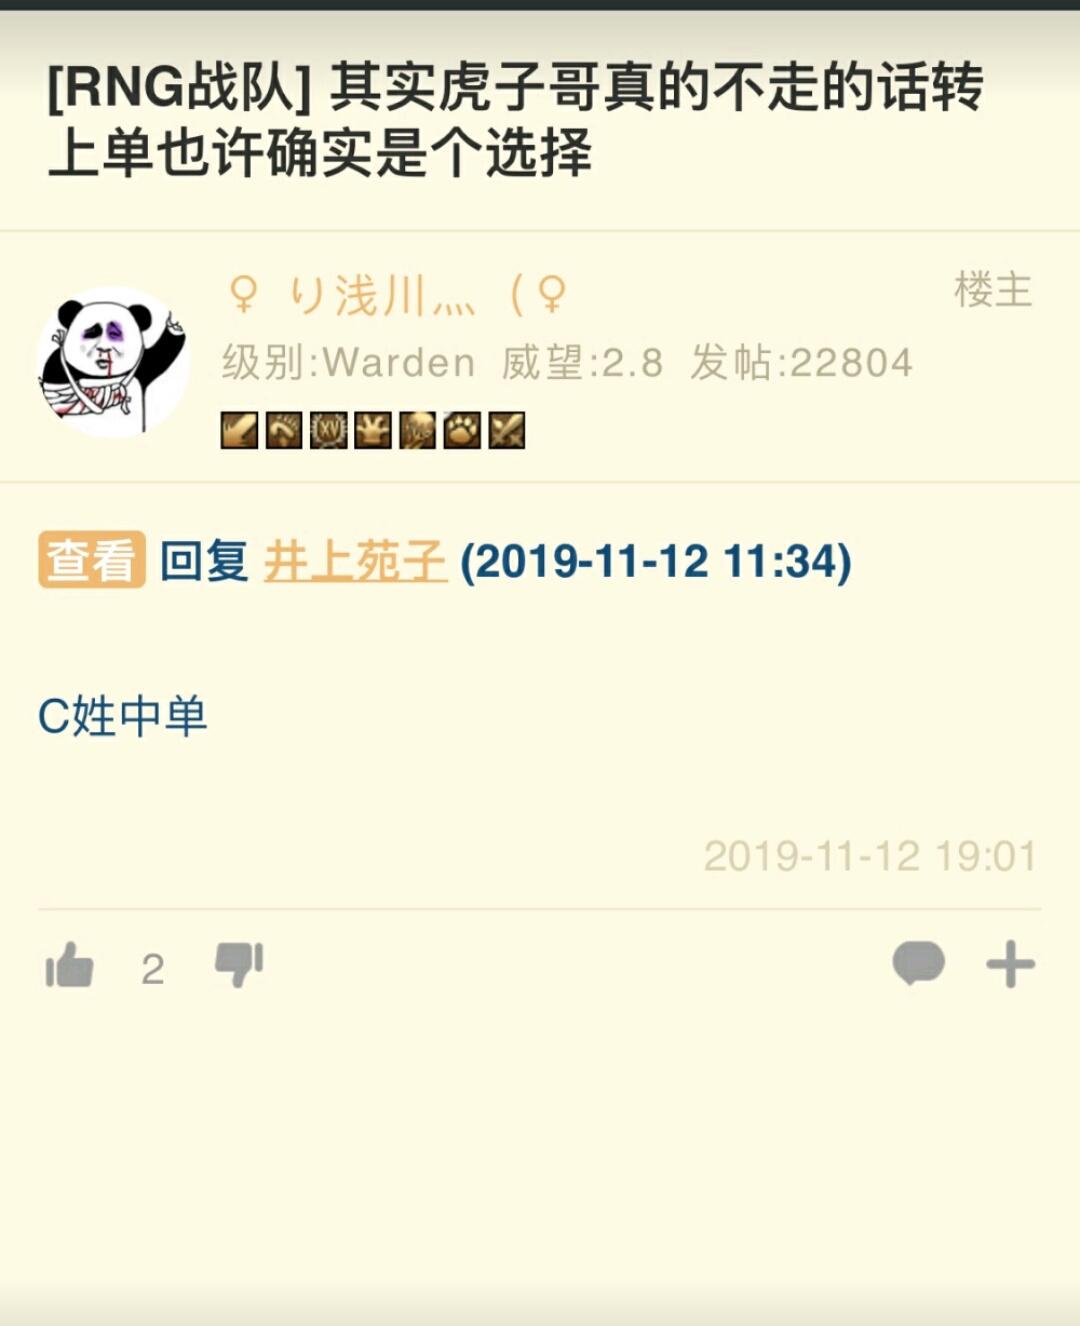 668卡盟平台:c姓中单!nga版主爆料rng新中单人选,小虎将转替补